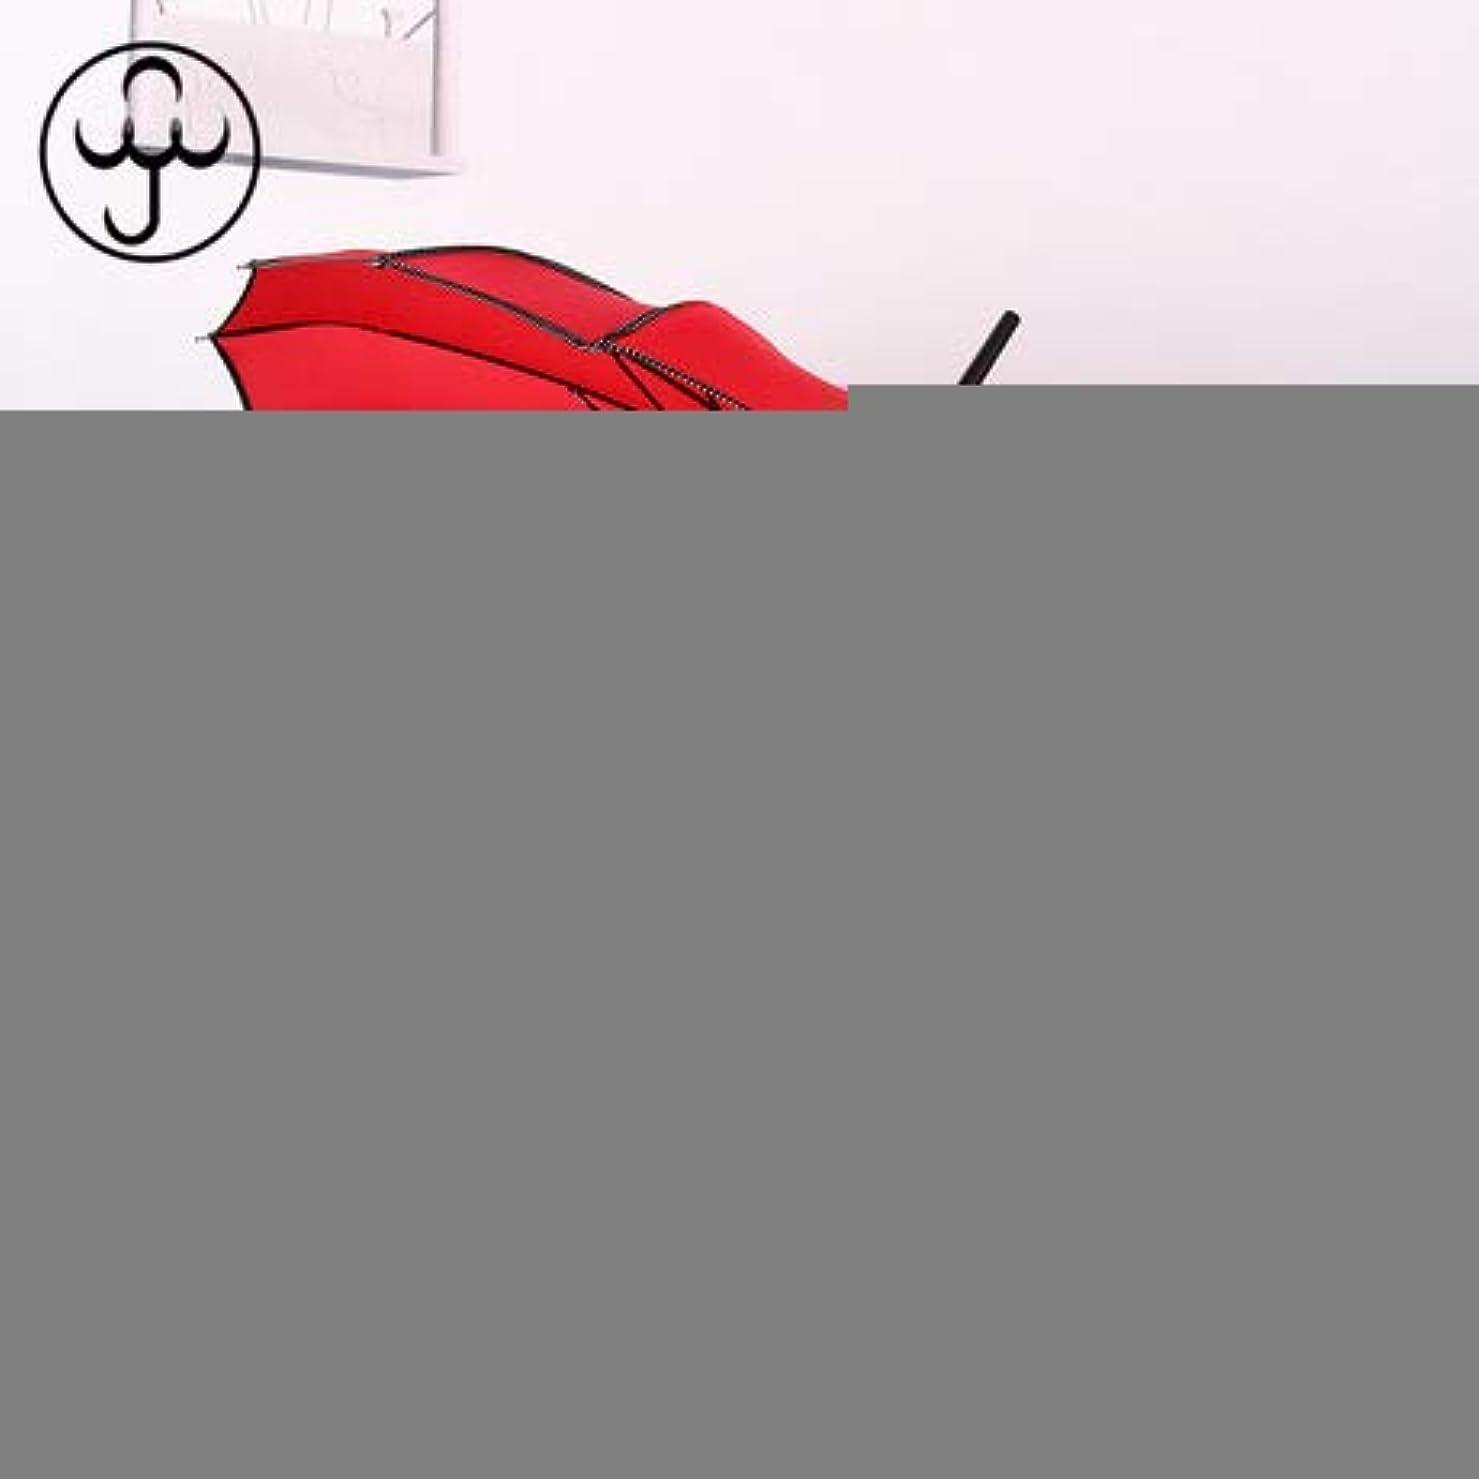 アクセントチャット独創的16 kロングハンドルストレート花嫁ブライダル傘屋外サンシェード傘エッジングパゴダ傘赤 56cm*16k